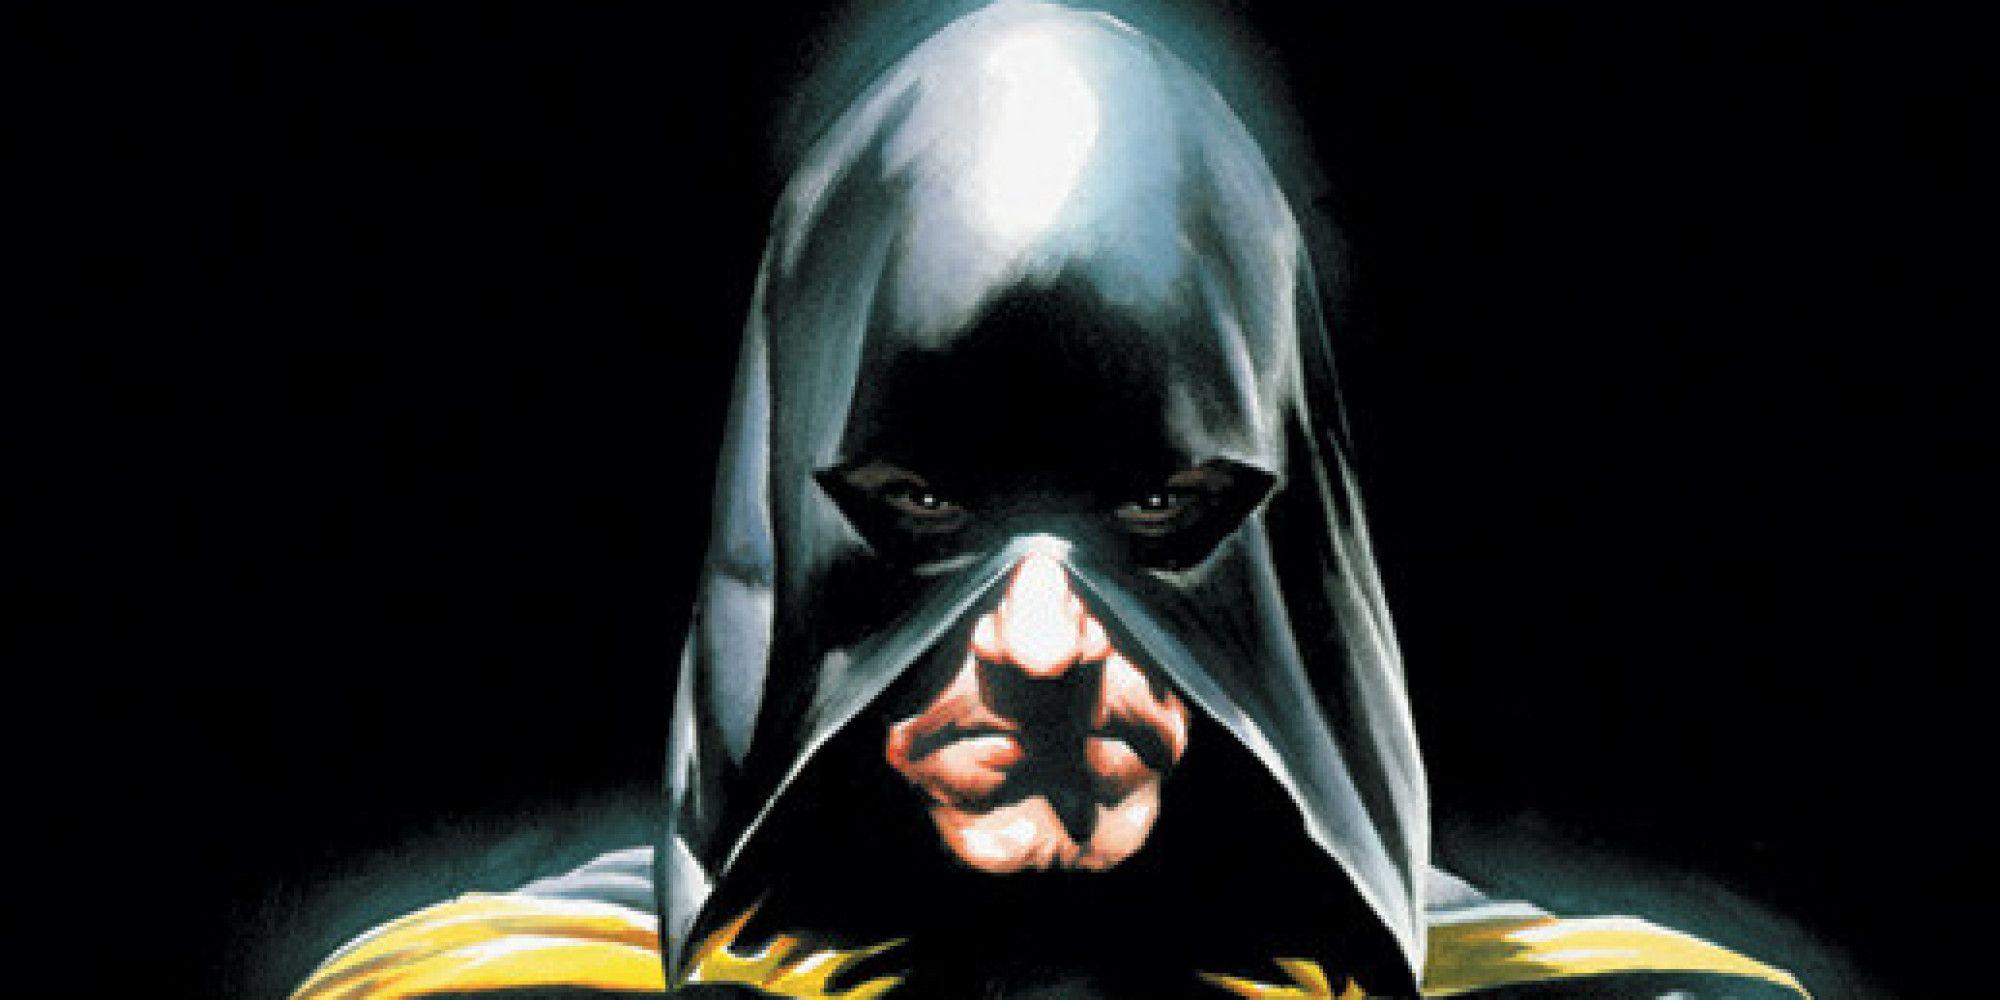 Hourman: tudo o que sabemos sobre o novo filme de super-heróis da DC 4